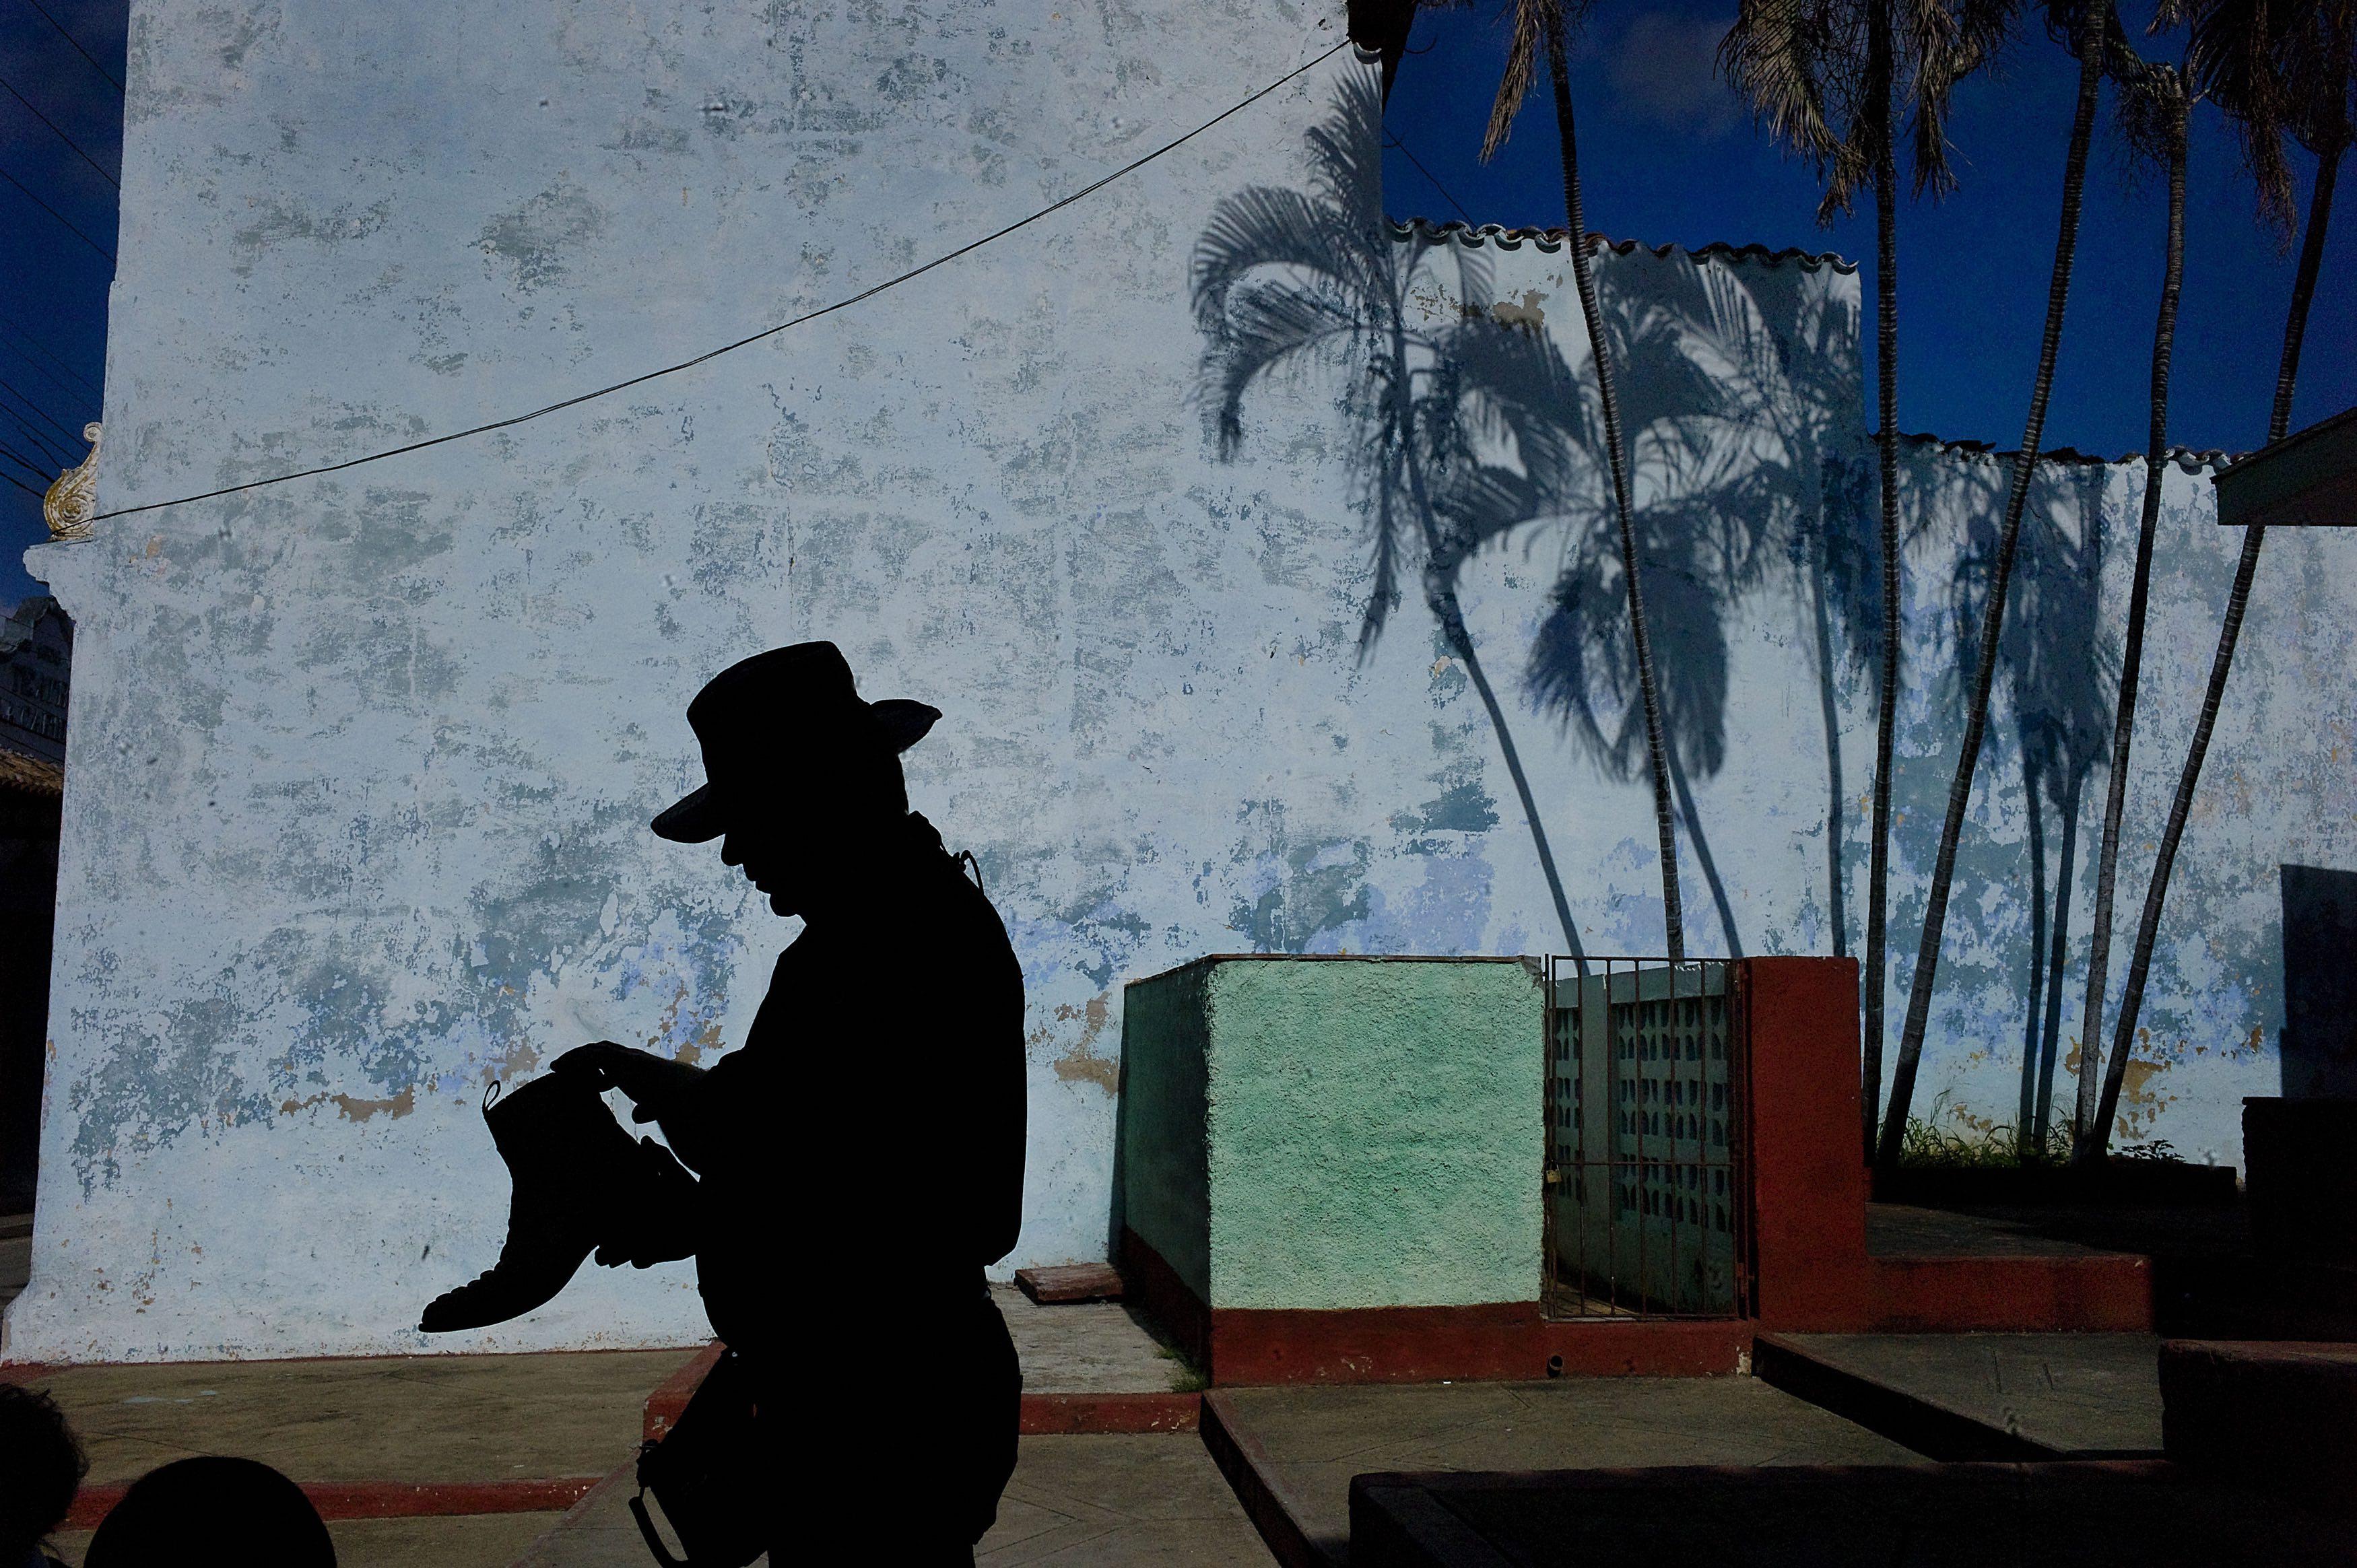 Trinidad, Cuba. 2015 © Nikos Economopoulos / Magnum Photos